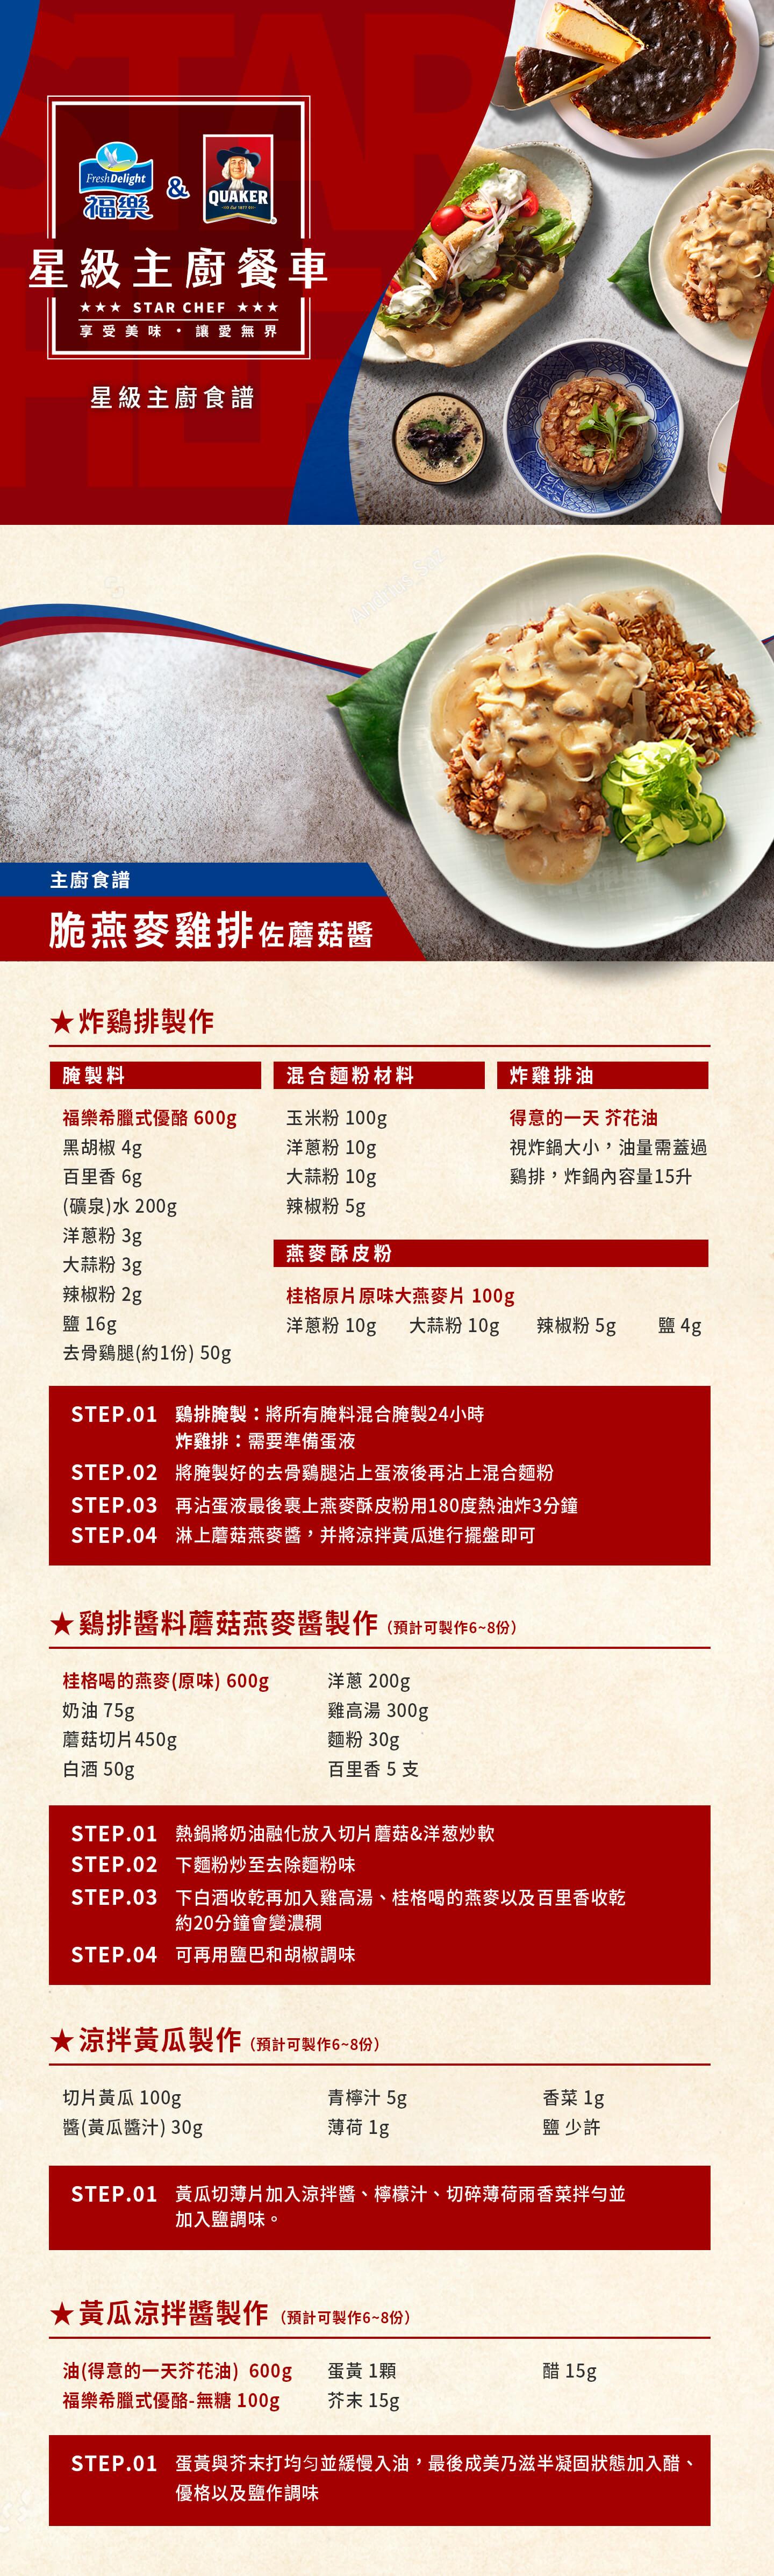 桂格,福樂,星級主廚健康食譜,脆燕麥雞排佐蘑菇醬,李皞